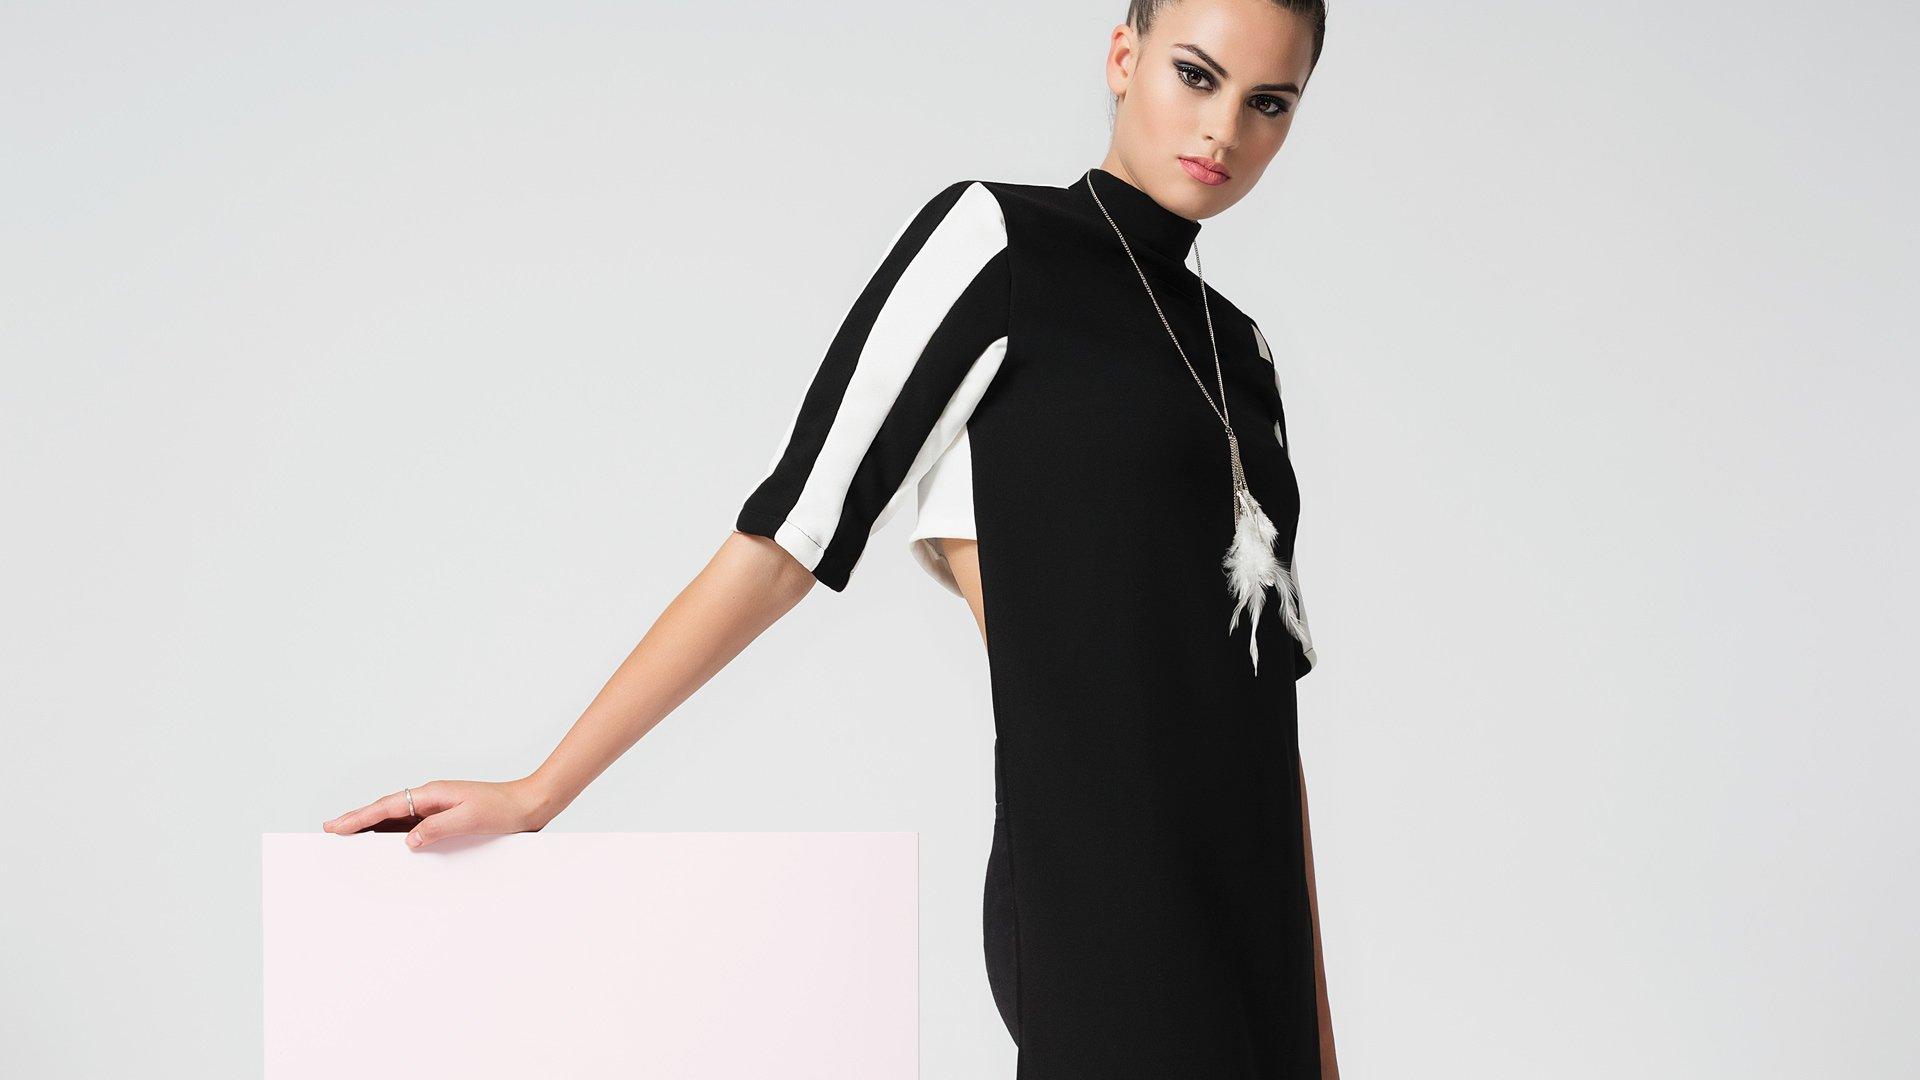 EL-MONÈT Pellegrini e Costache Fashion Photography and Film Production Birmingham London UK